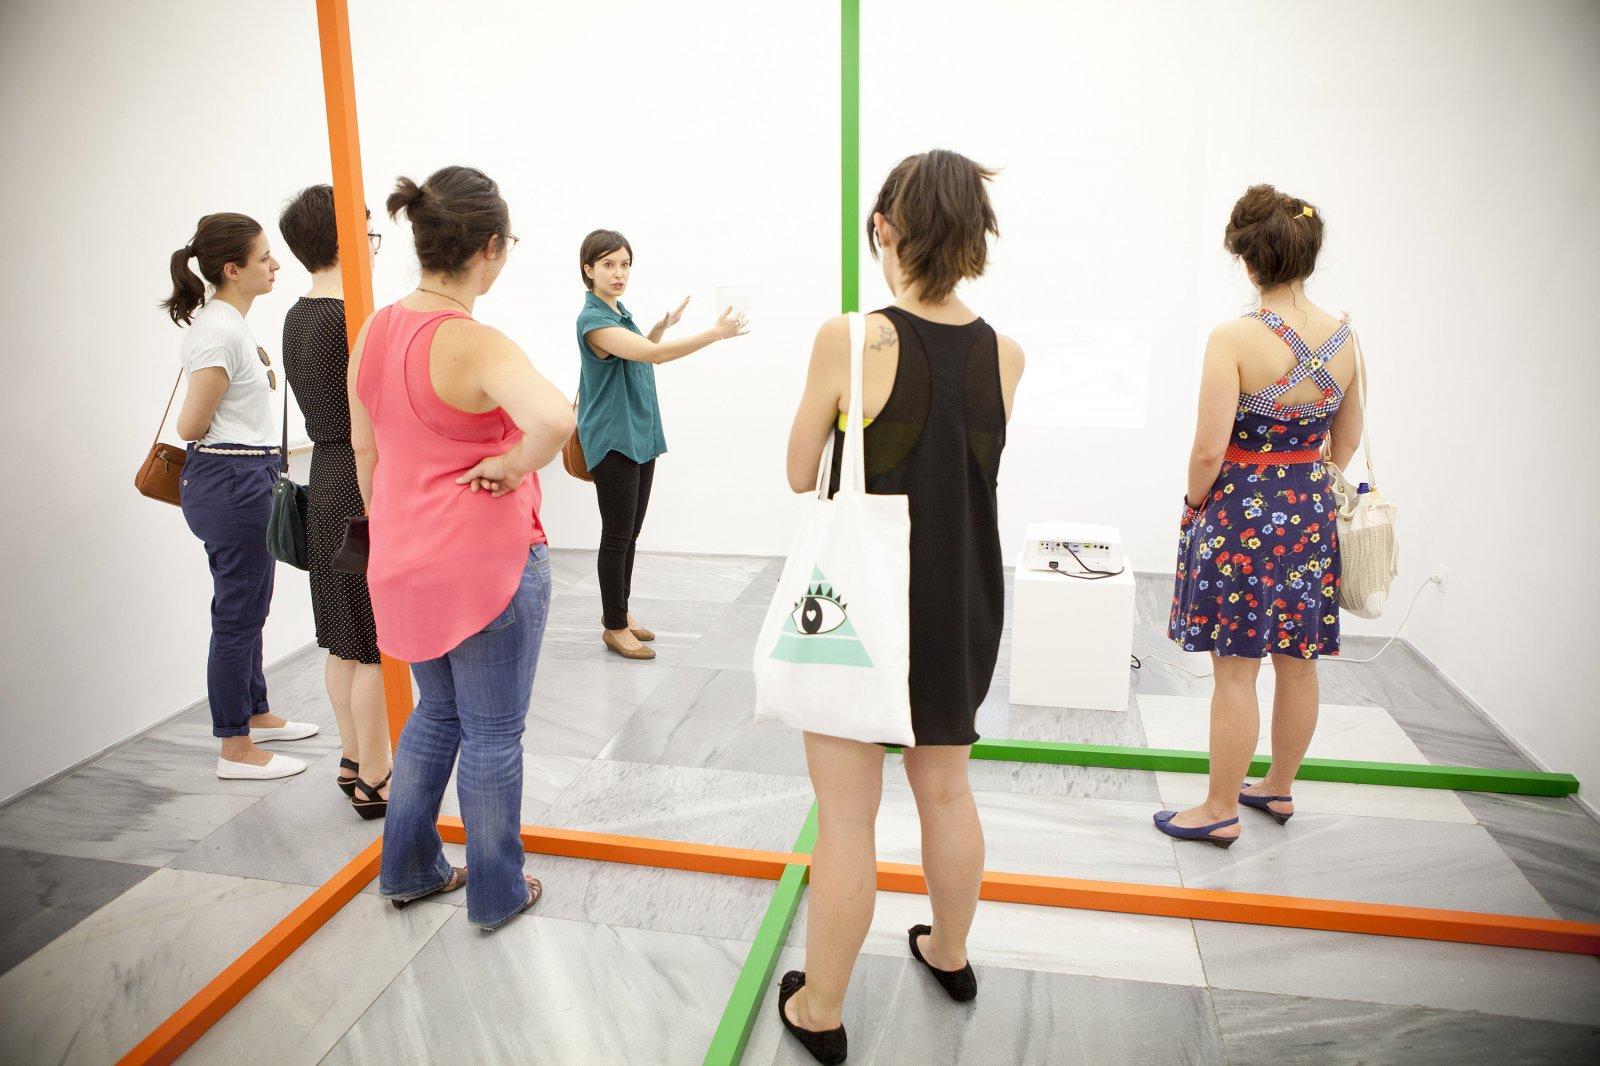 14. Elena Zapata, De Hablar En Arte, Y Un Grupo De Visitantes En Espacio Mínimo